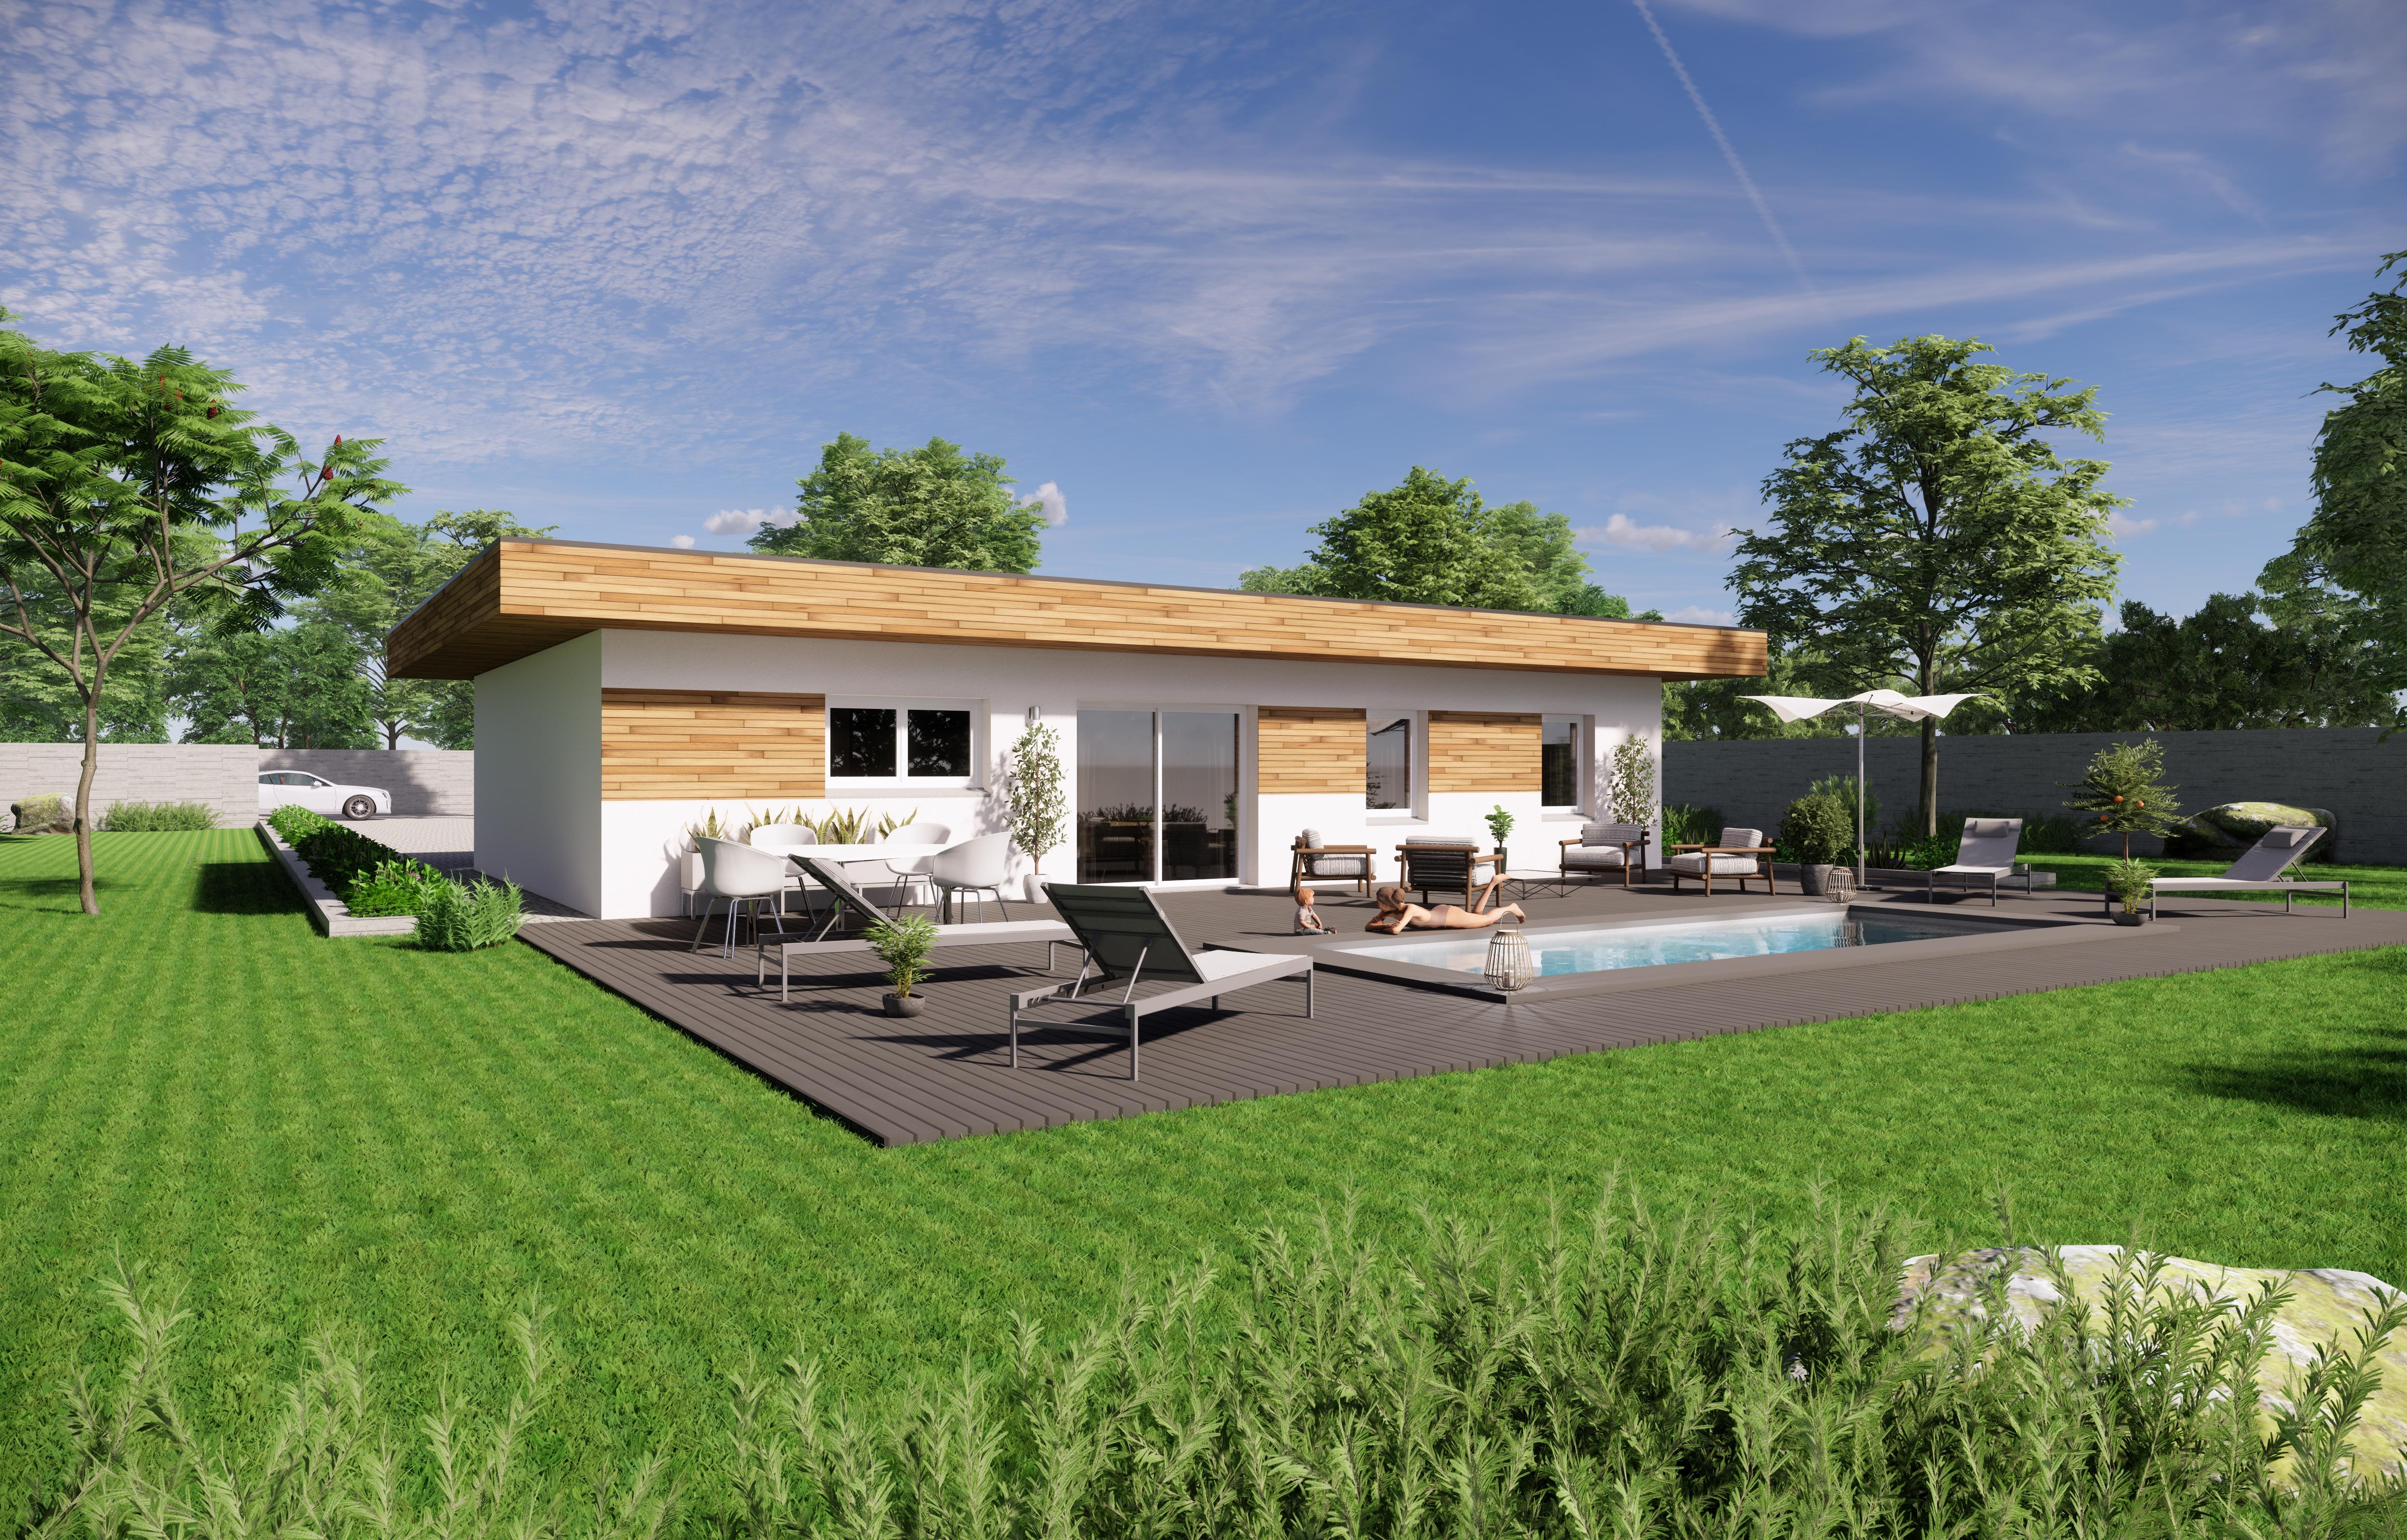 Condor-traditionelle-bois-toit-plat-constructeur-de-maisons-individuelles-toit-terrasse-périgord-